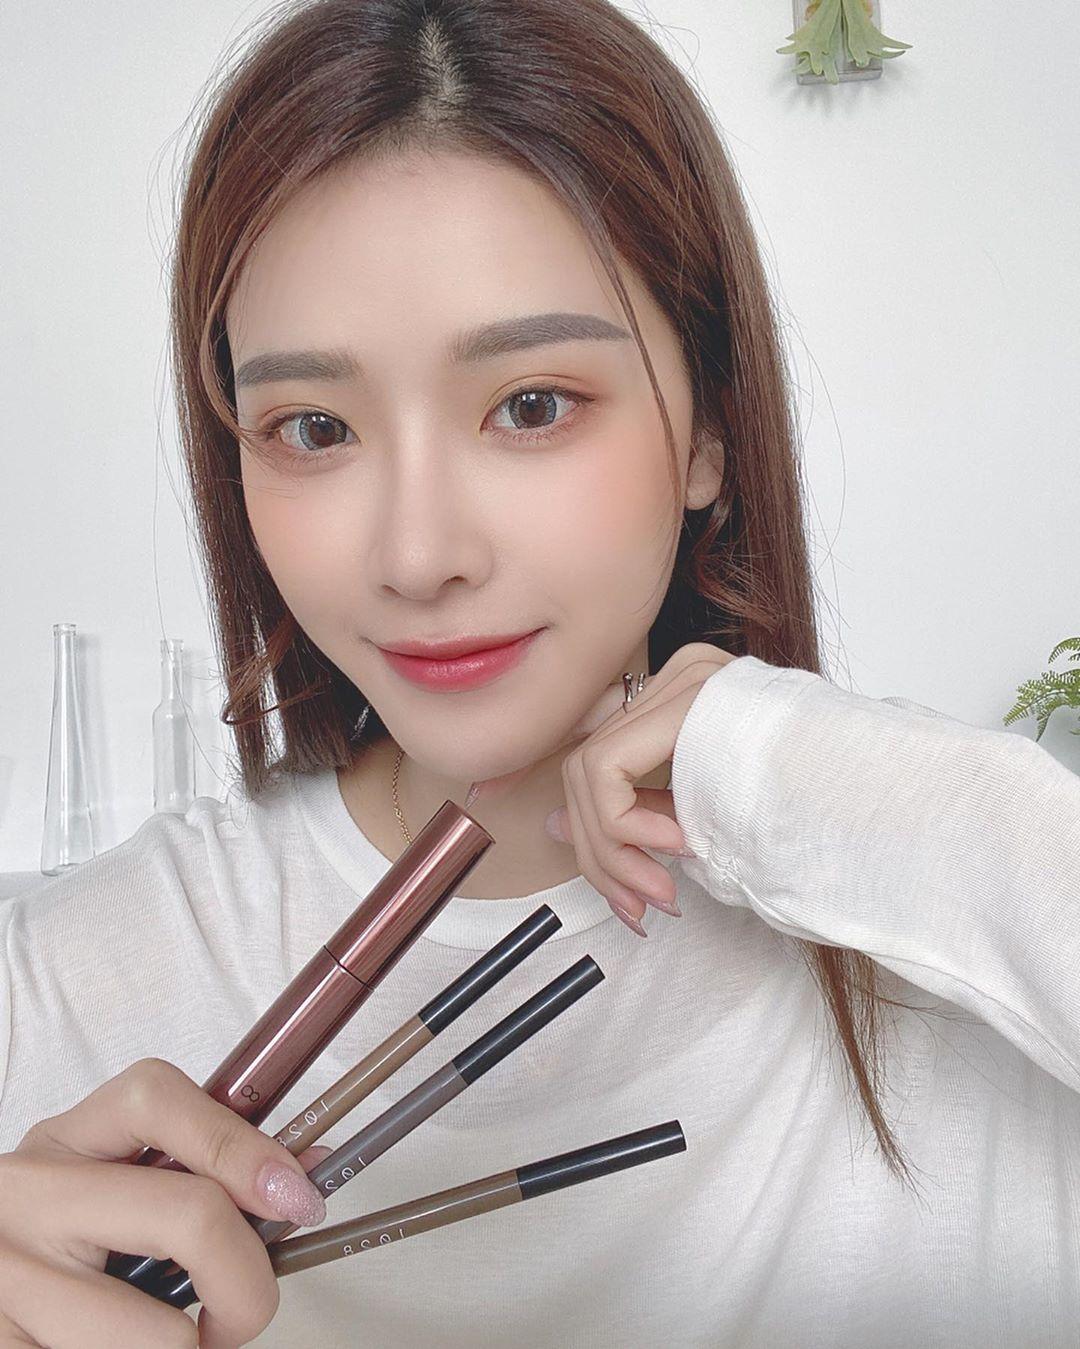 Đầu tư chi cho tốn kém, nàng công sở chỉ cần có 5 món makeup này là đã trẻ xinh, nhan sắc lên hương rõ ràng - Ảnh 2.